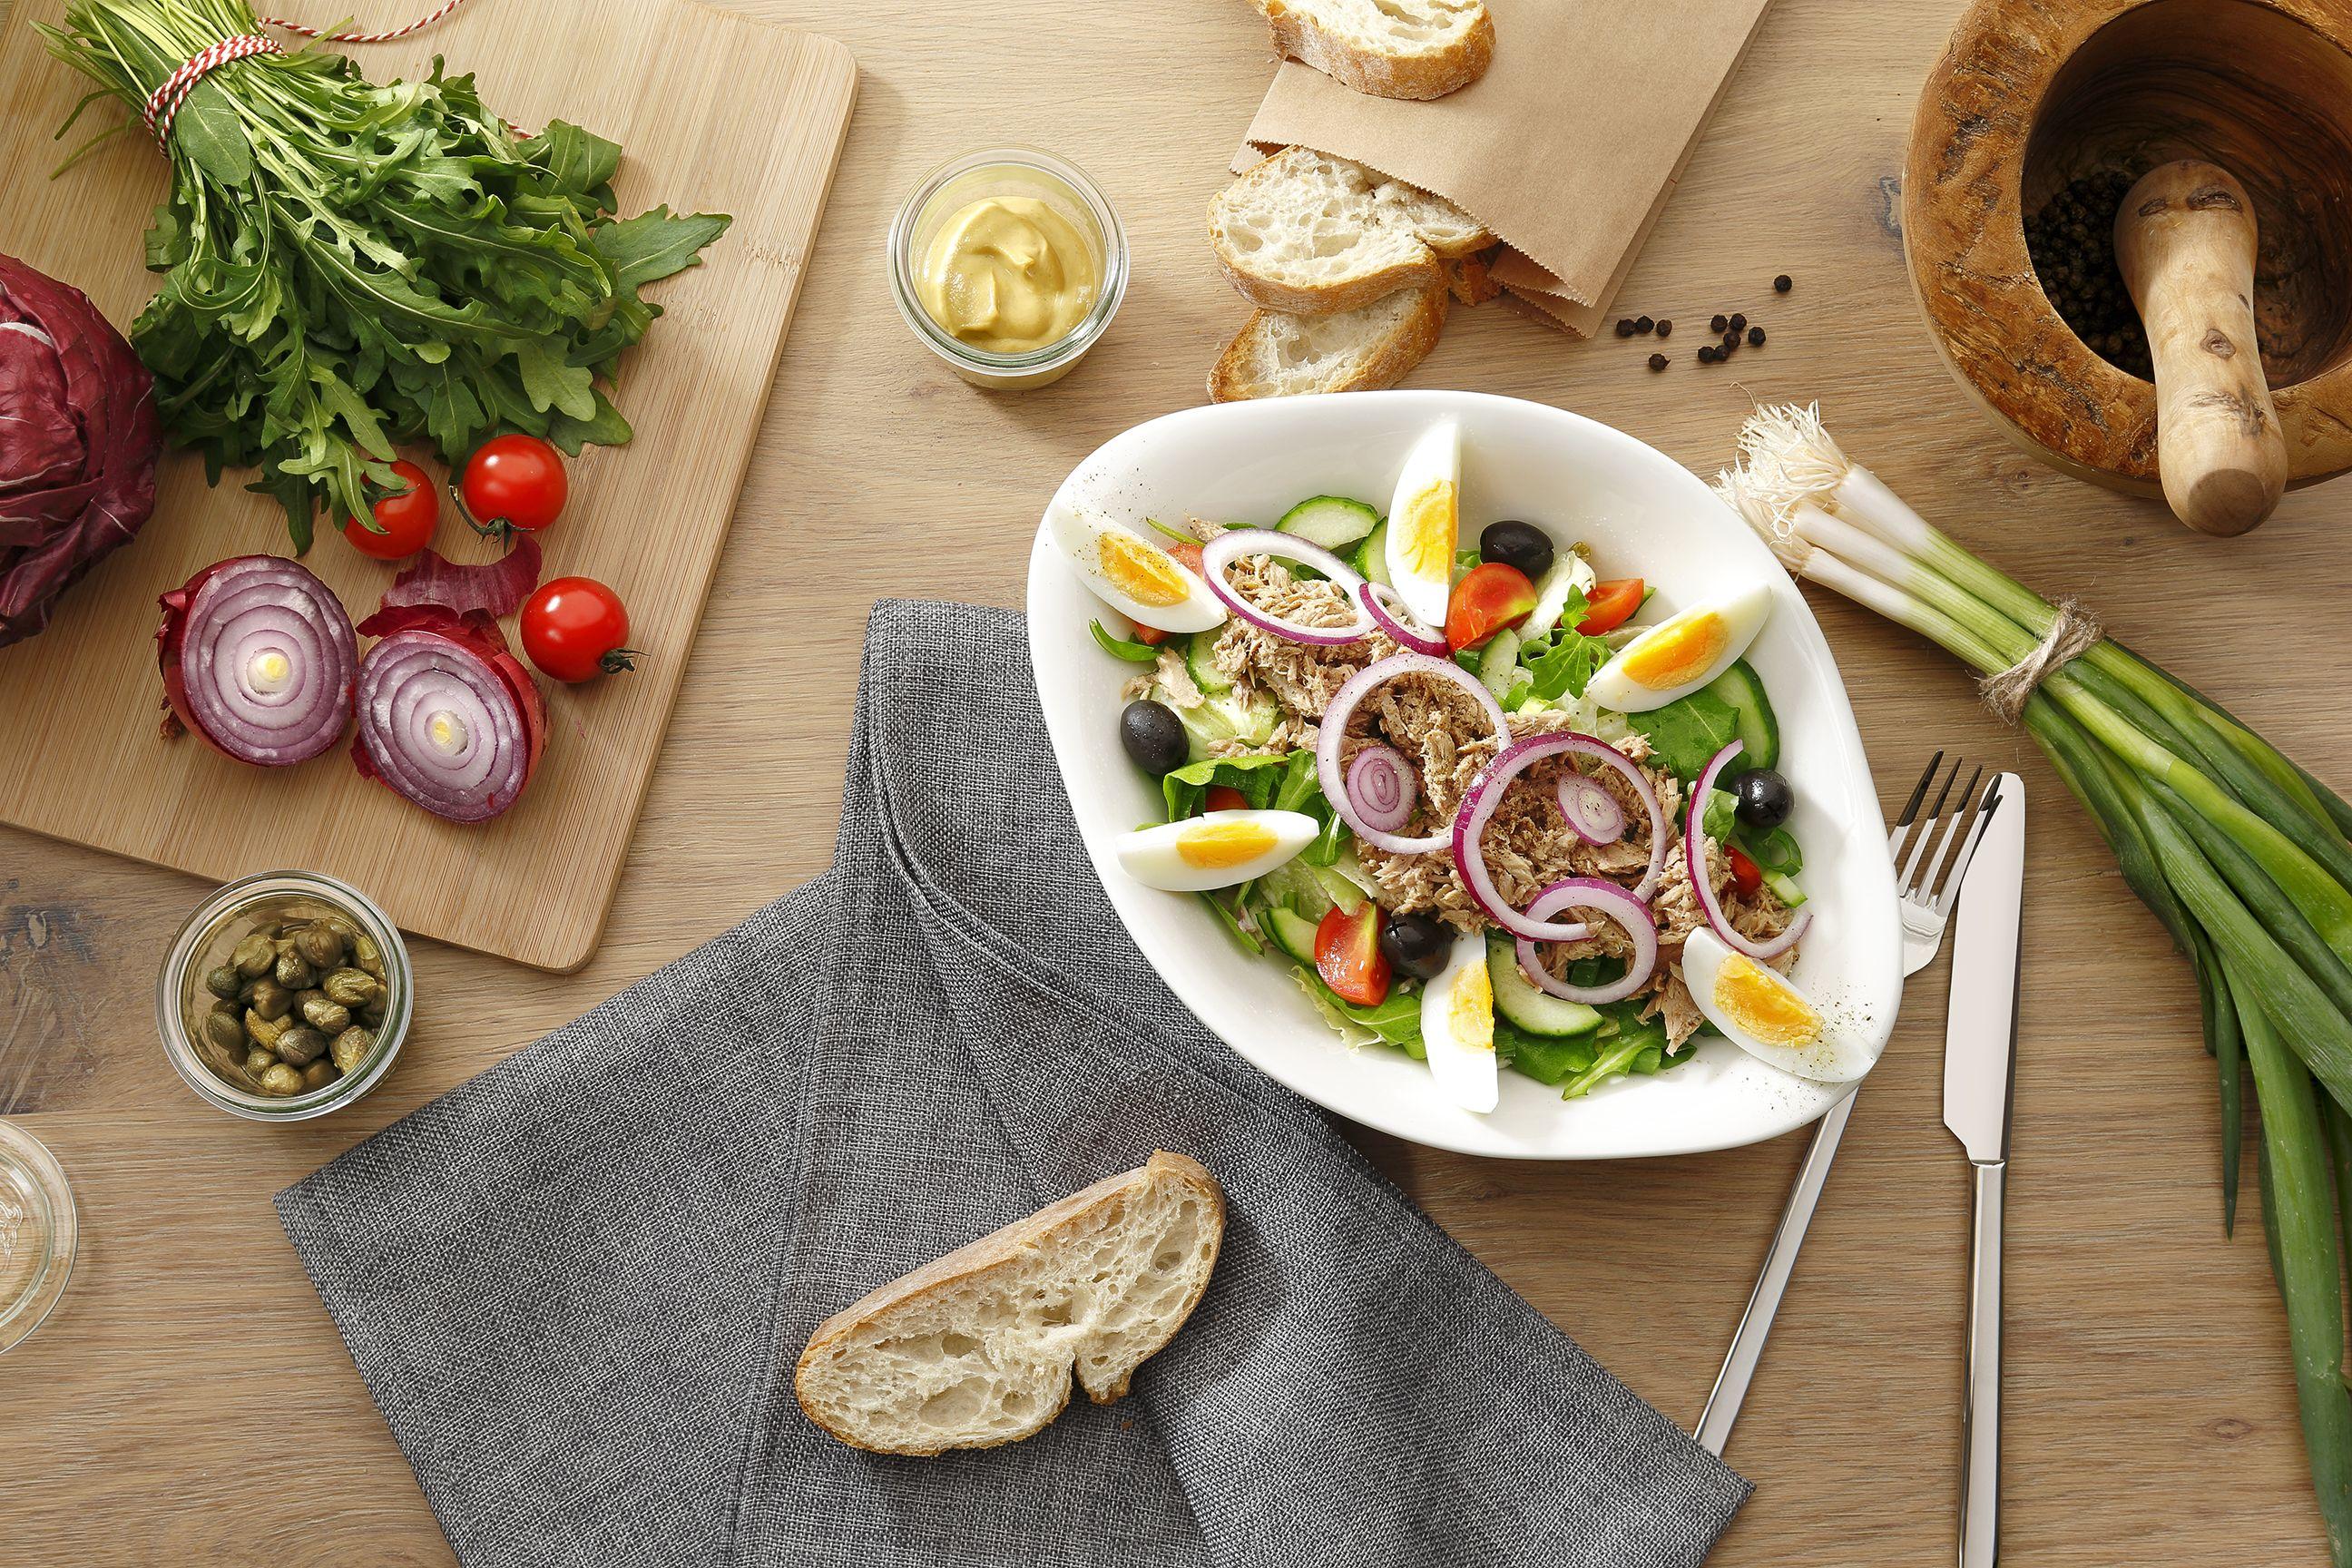 Insalata Nizza      Verschiedene Blattsalate, Kirschtomaten, Gurken, Thunfisch, geschwärzte Oliven, rote Zwiebeln und ein gekochtes Ei. Wir empfehlen dazu unser hausgemachtes Nizza-Dressing.